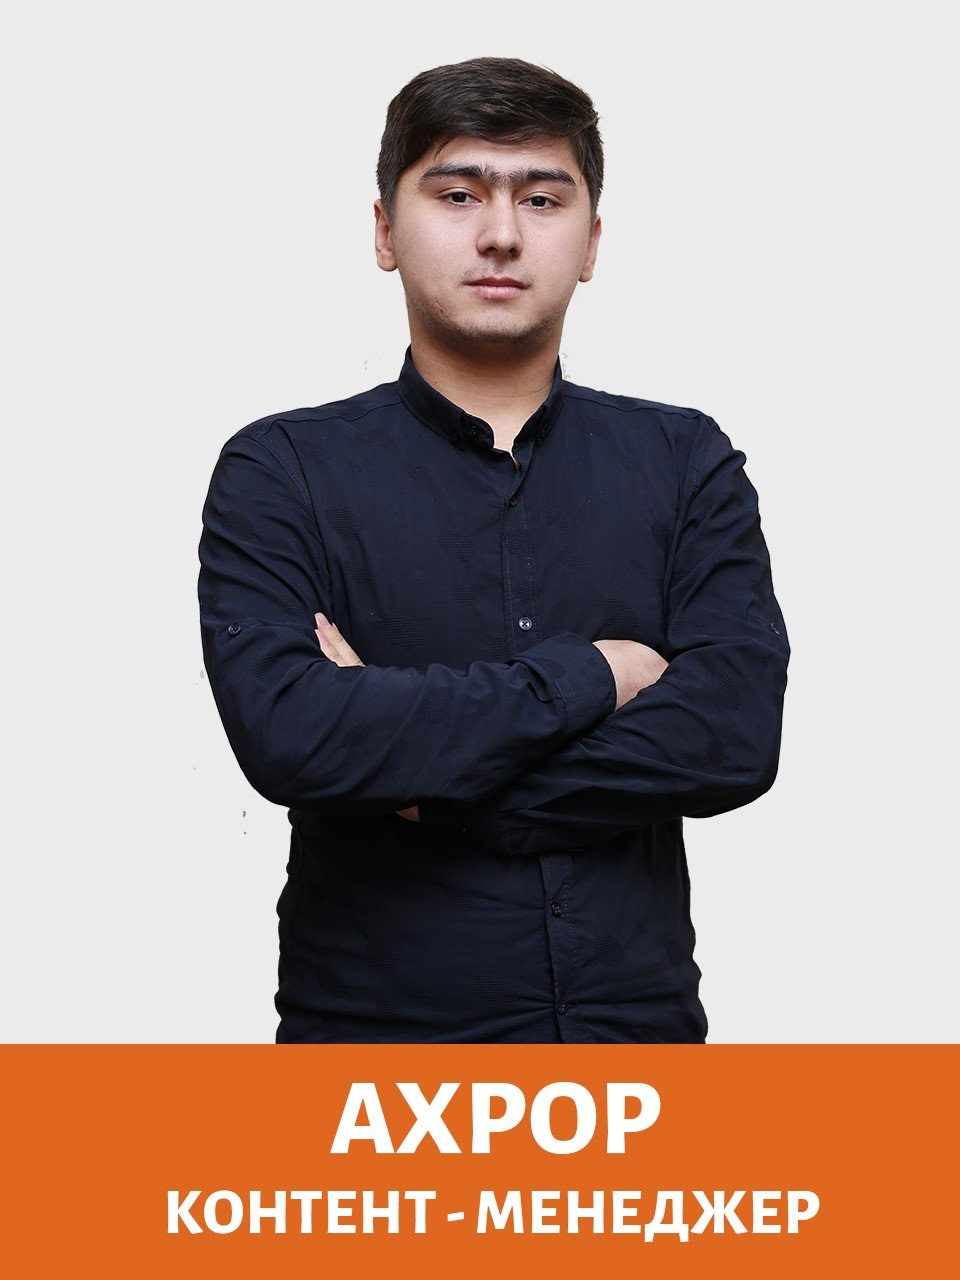 ahror kontent menedzher - Создание и разработка сайтов в Актобе